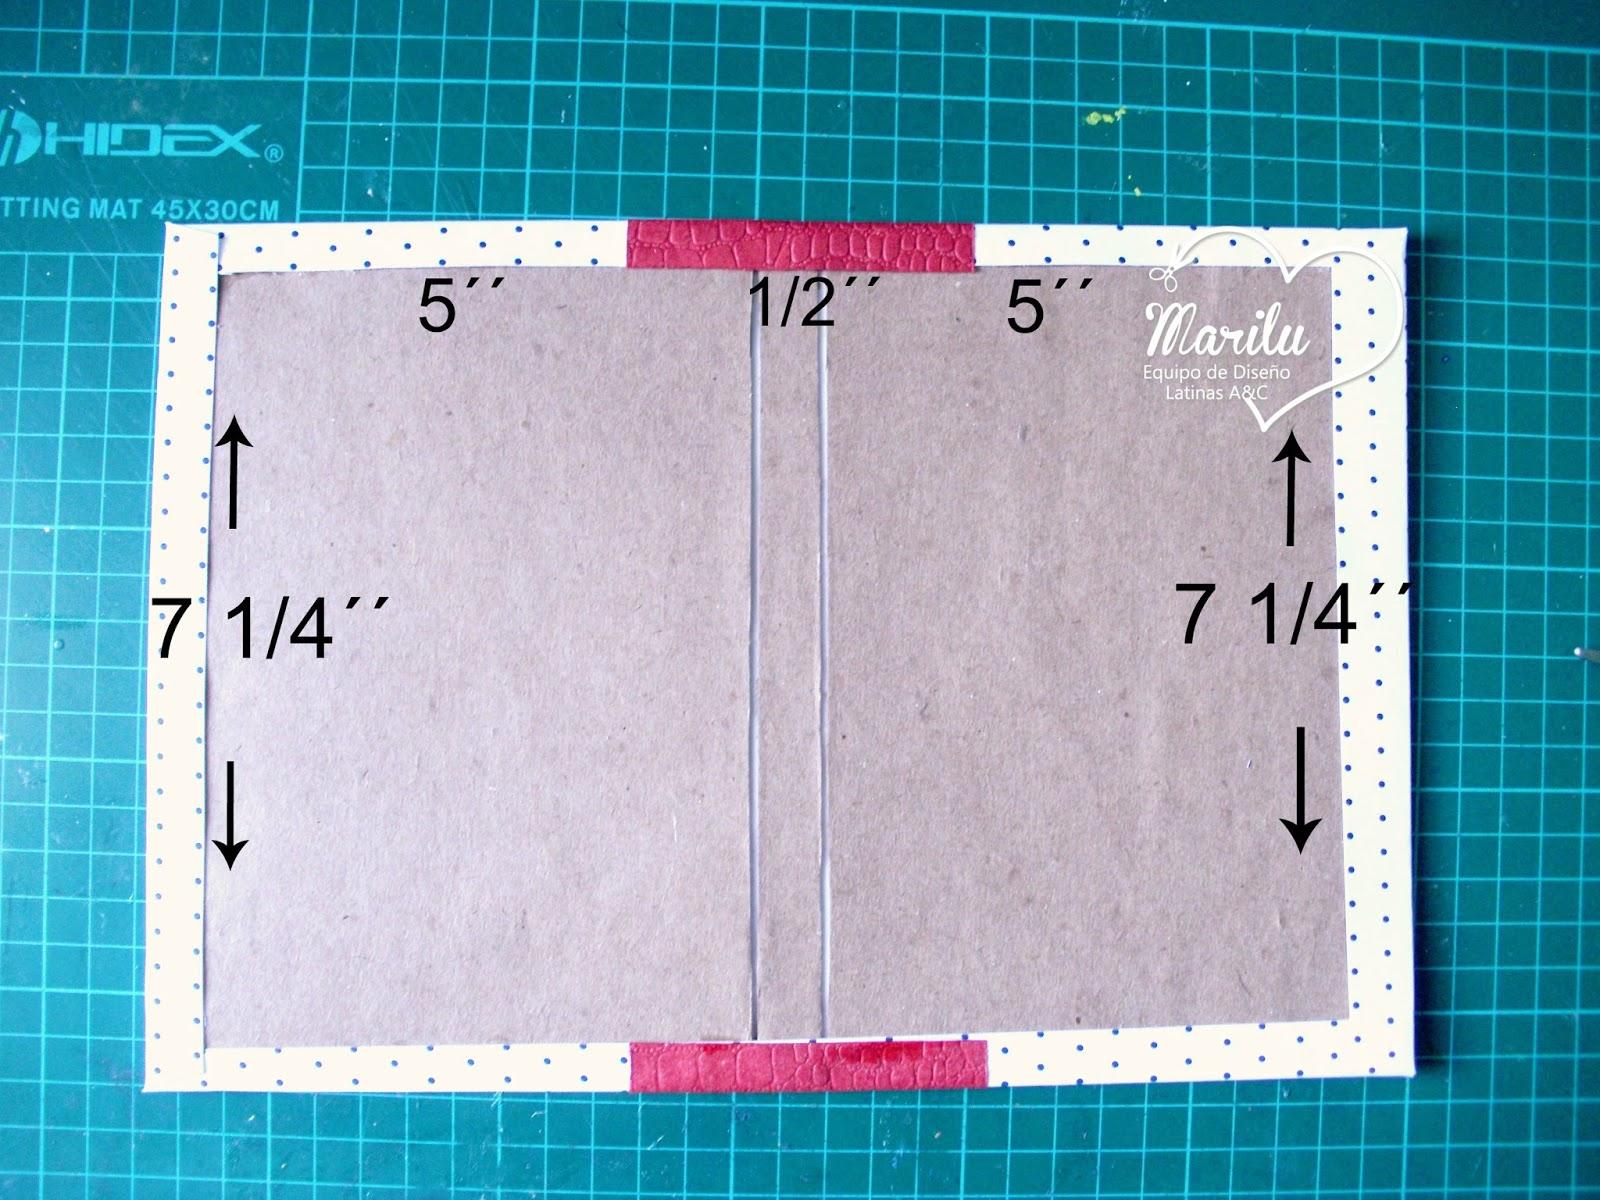 337bebcc4 Cinta, dos pedacitos de carton o cartulina para hacer las Asas de la  carterita, puede ser cuadrada de preferencia, pegamento, regla, un huesito  para doblar, ...